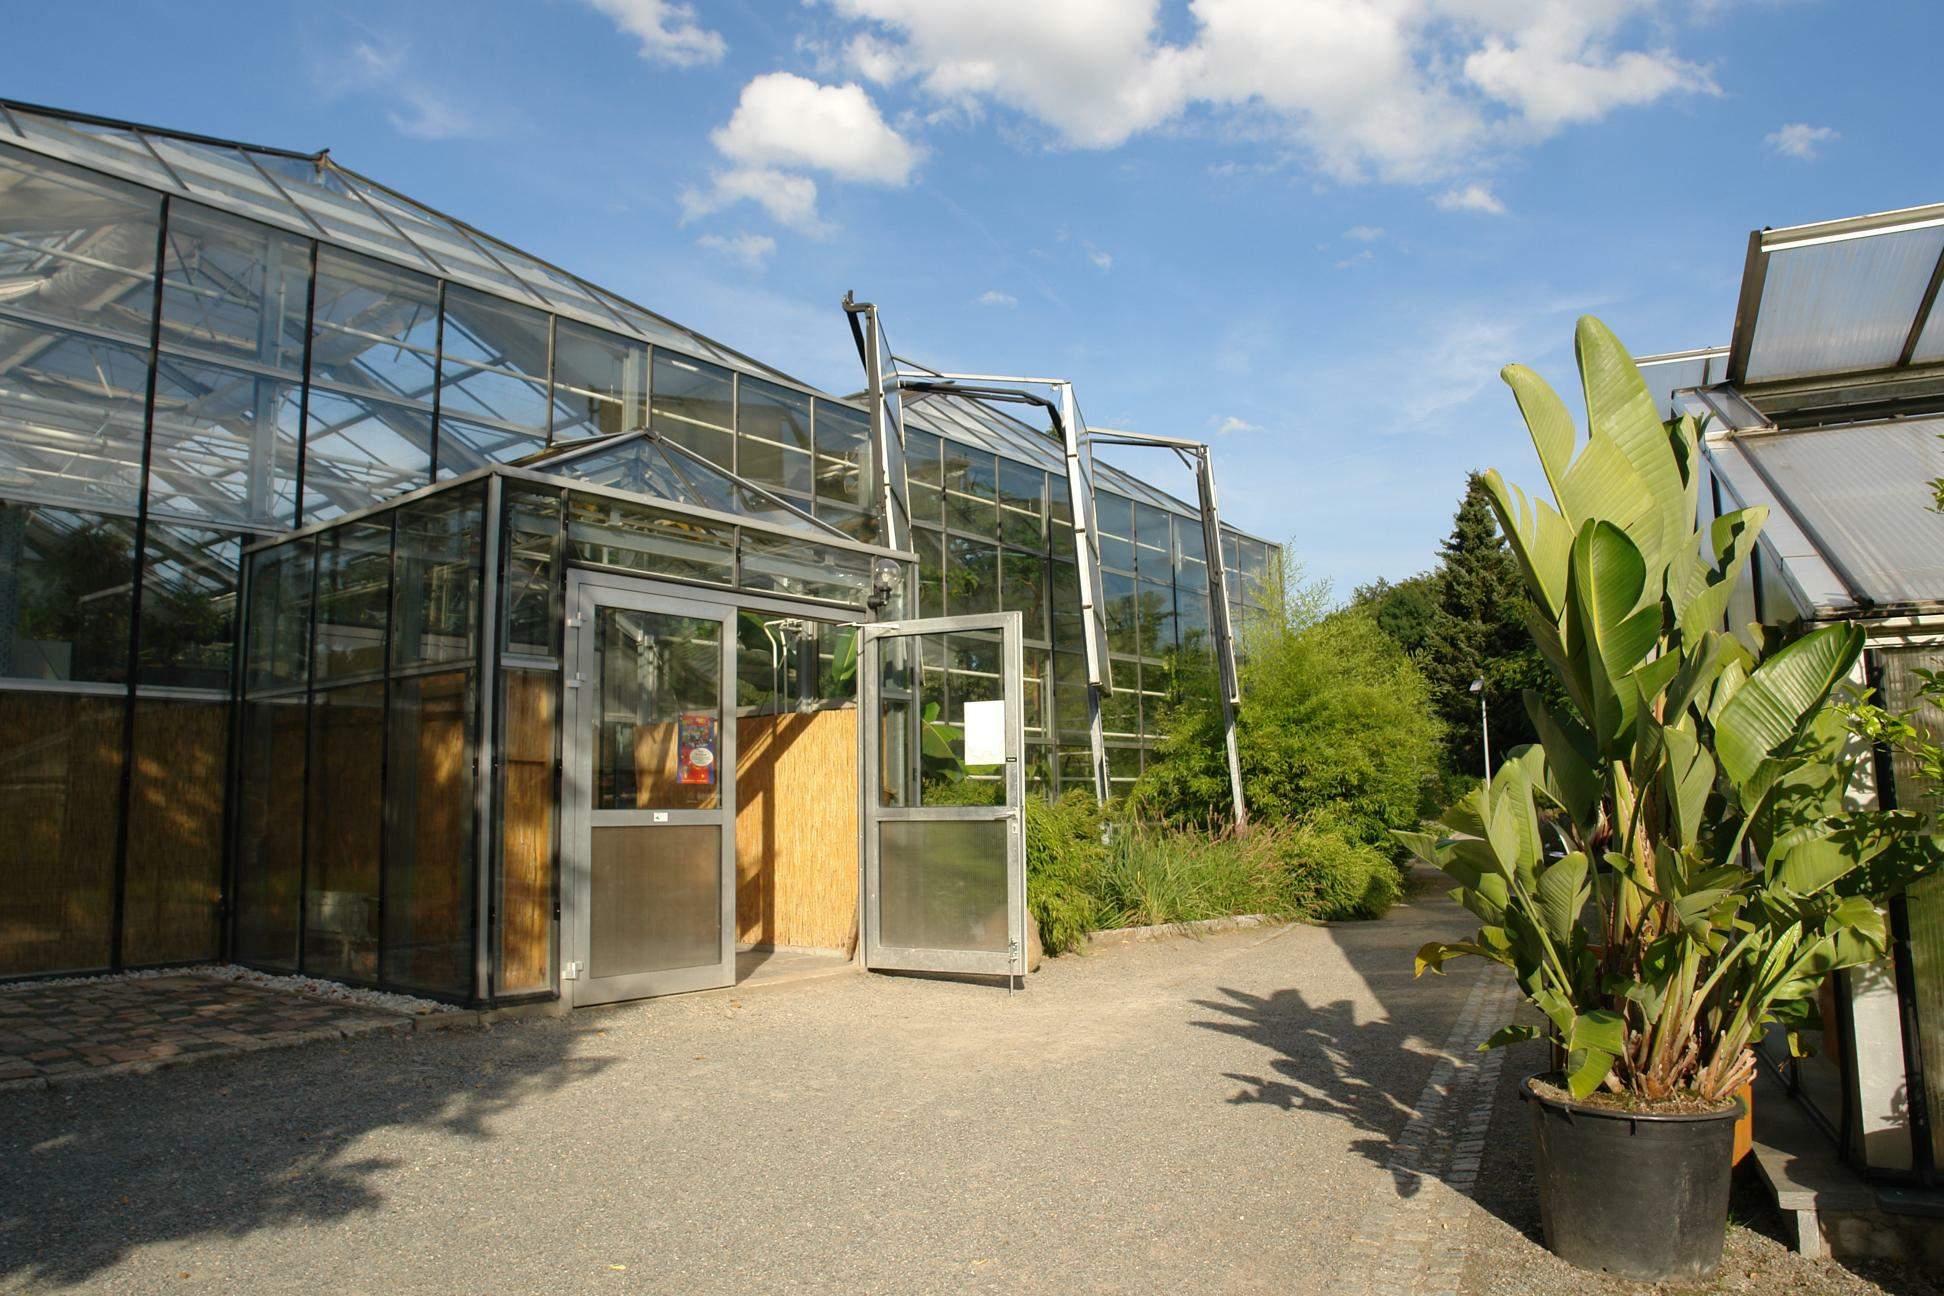 Chemnitz Botanischer Garten Reizend Botanischer Garten Chemnitz –